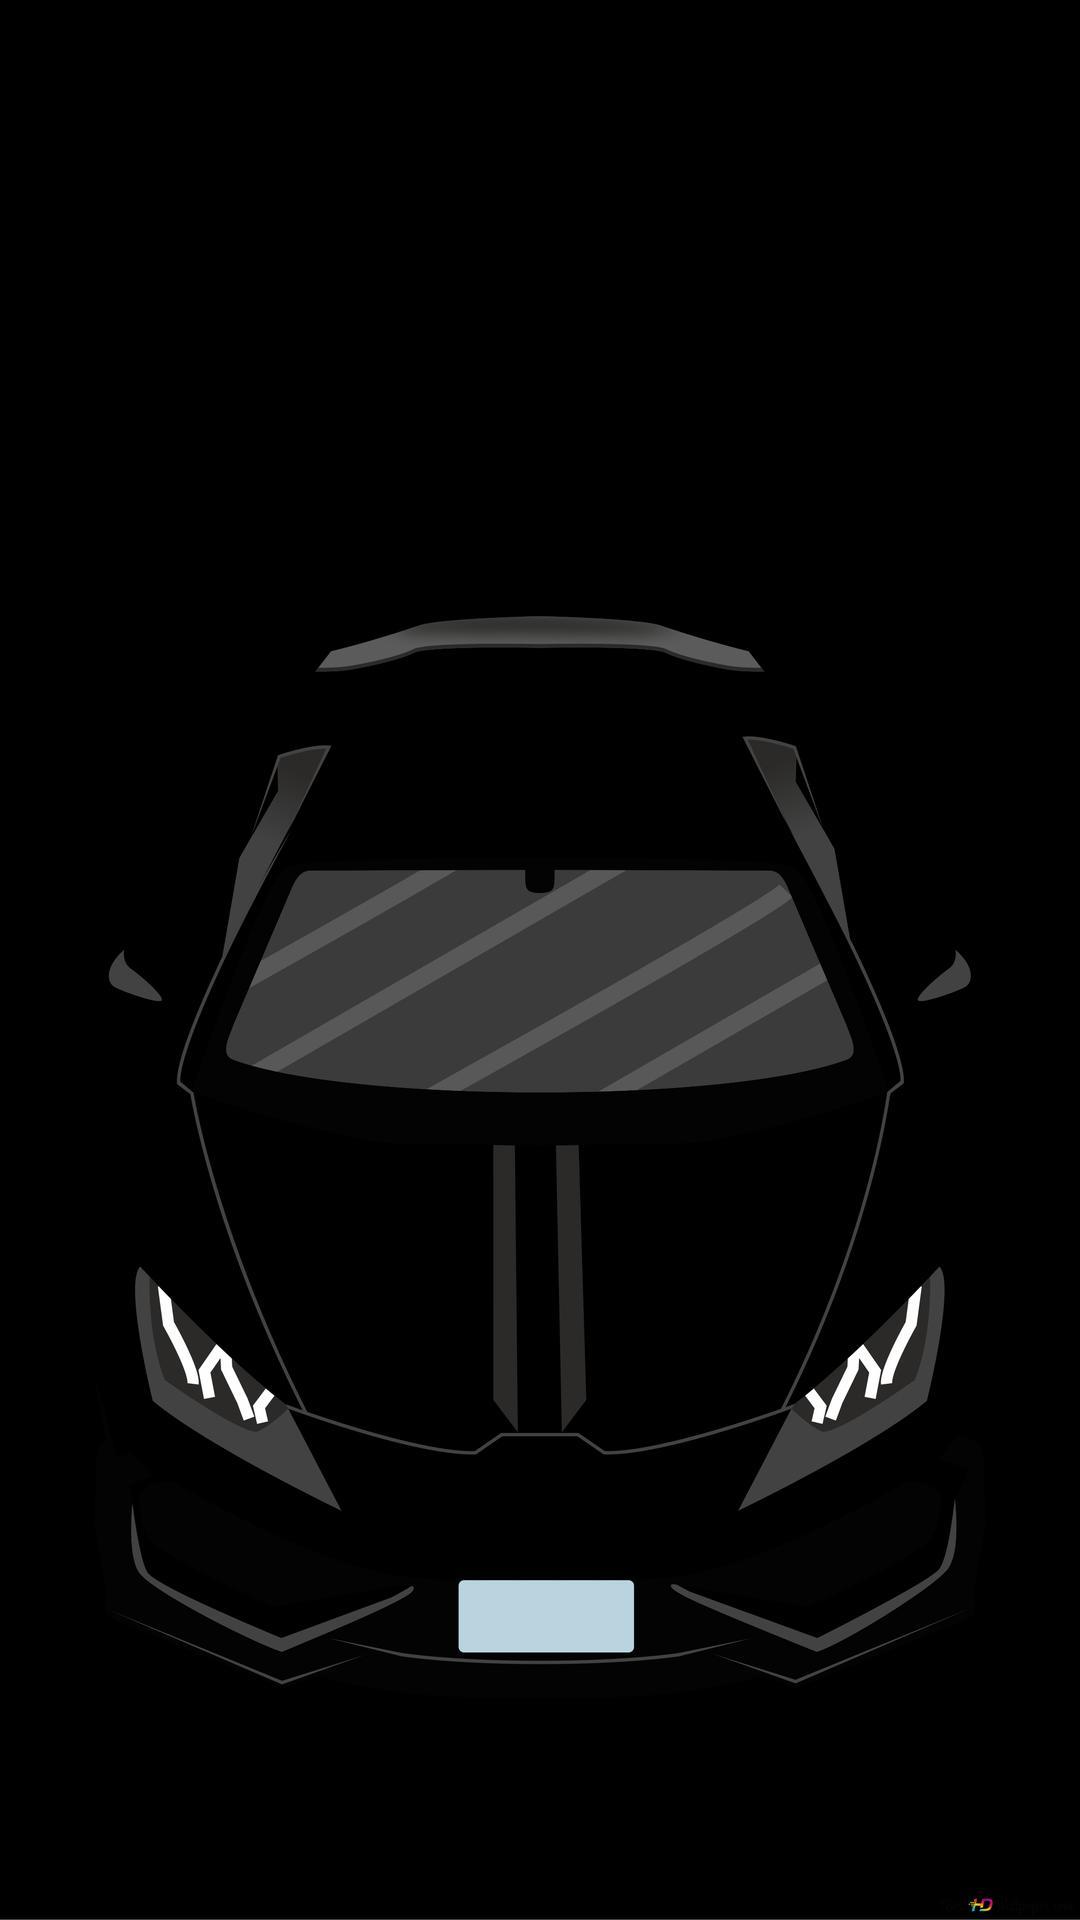 Black Lamborghini Wallpaper Hd Wallpaper Download